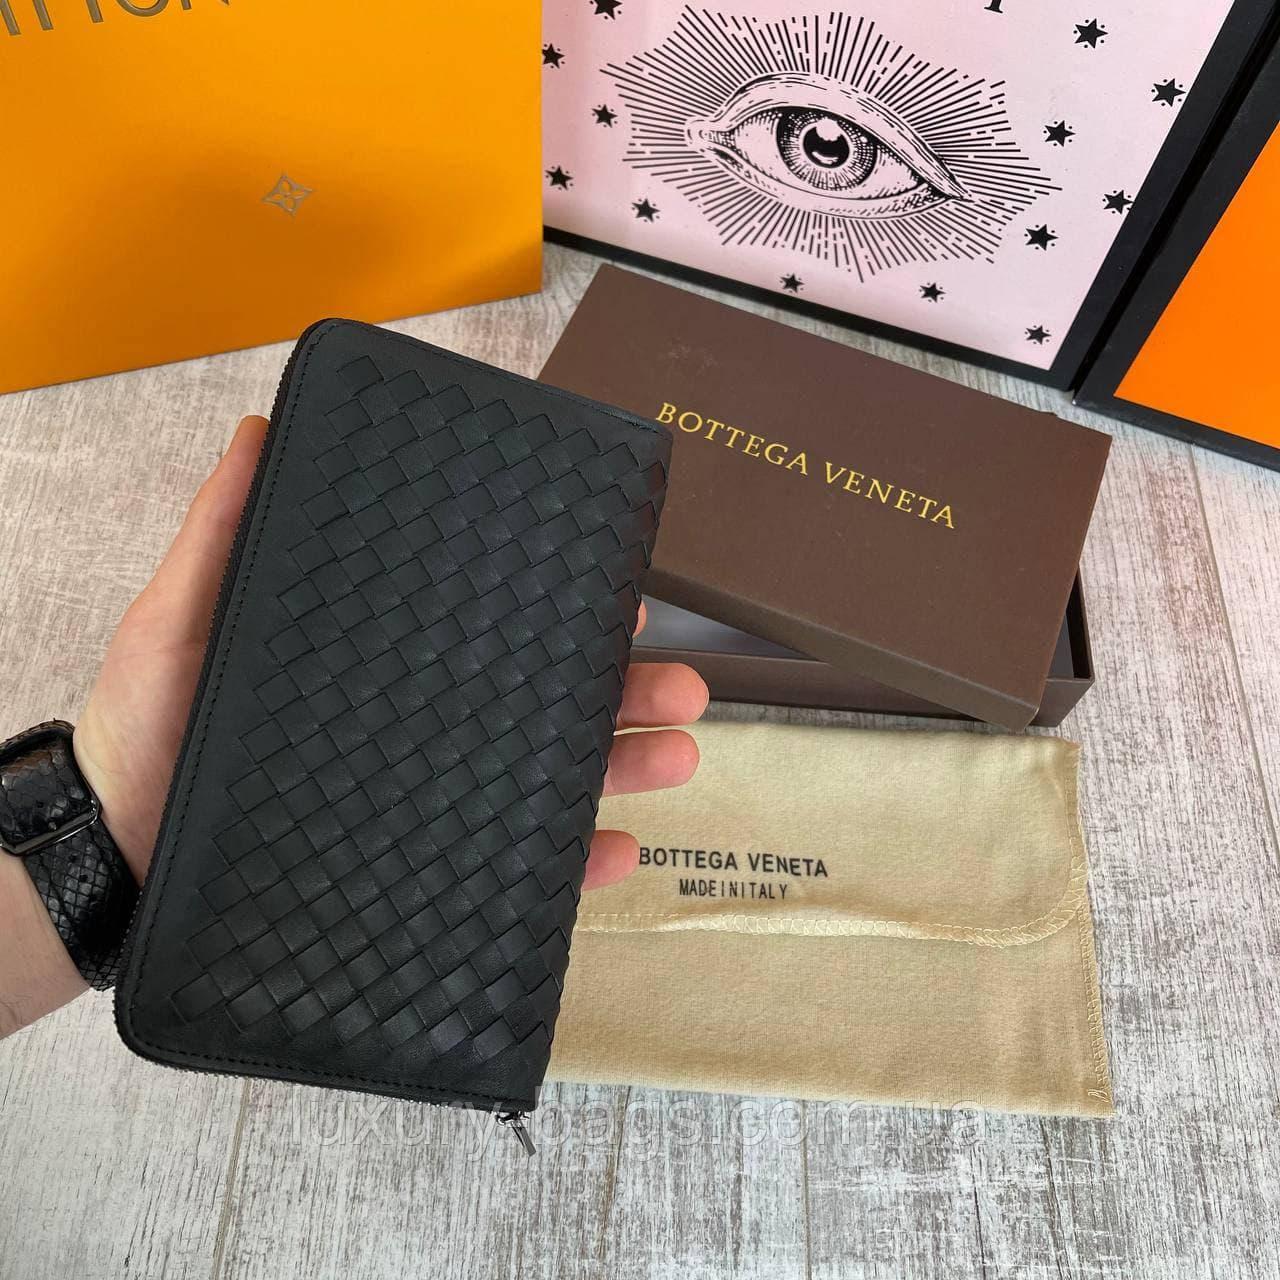 Кожаный клатч Bottega Veneta брендовый кошелек